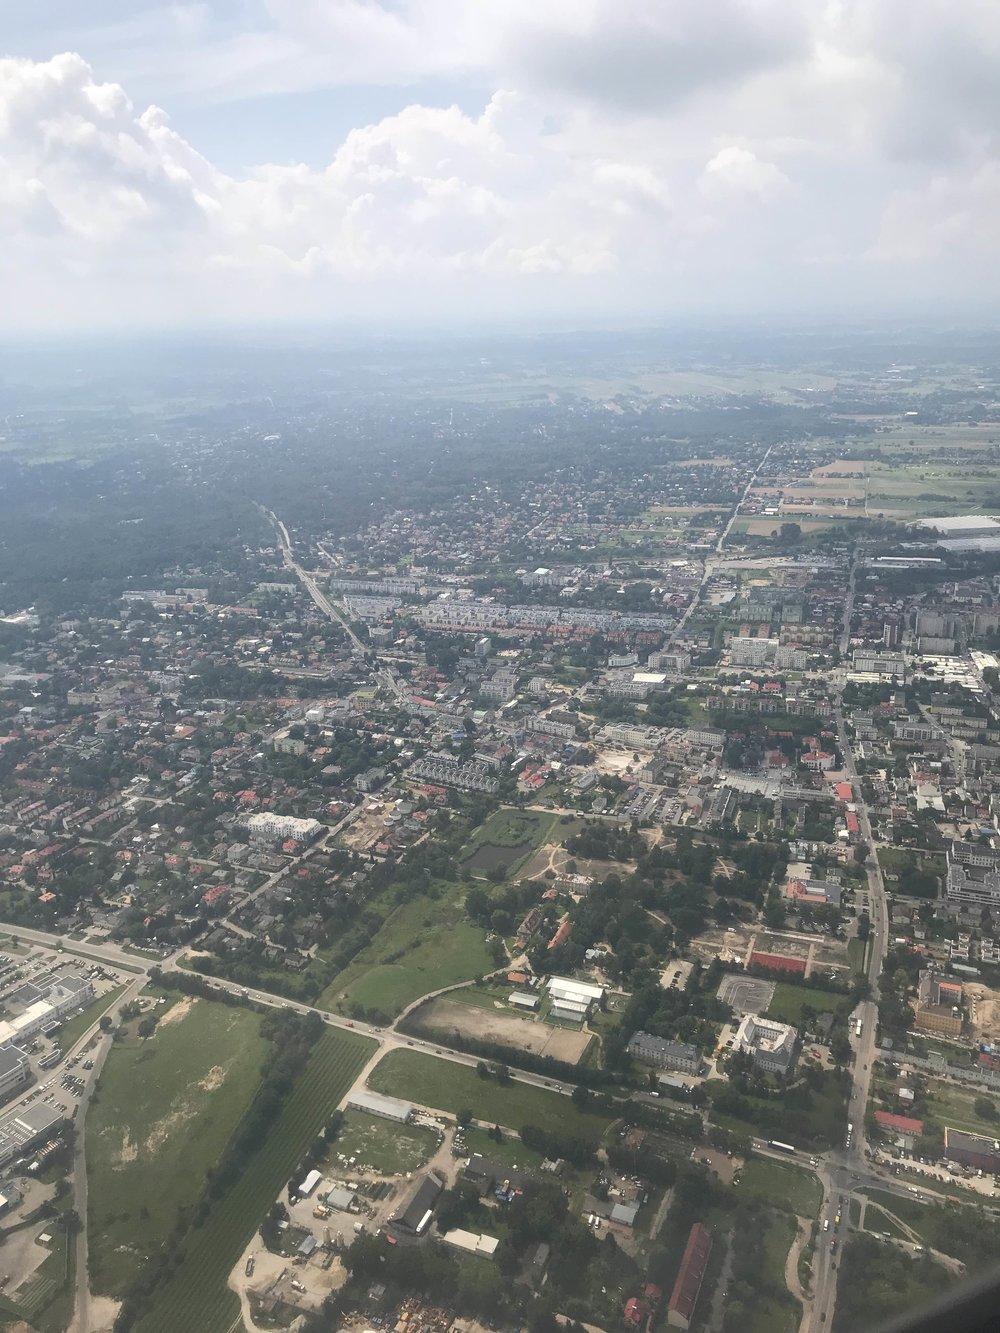 Descending into Warsaw...